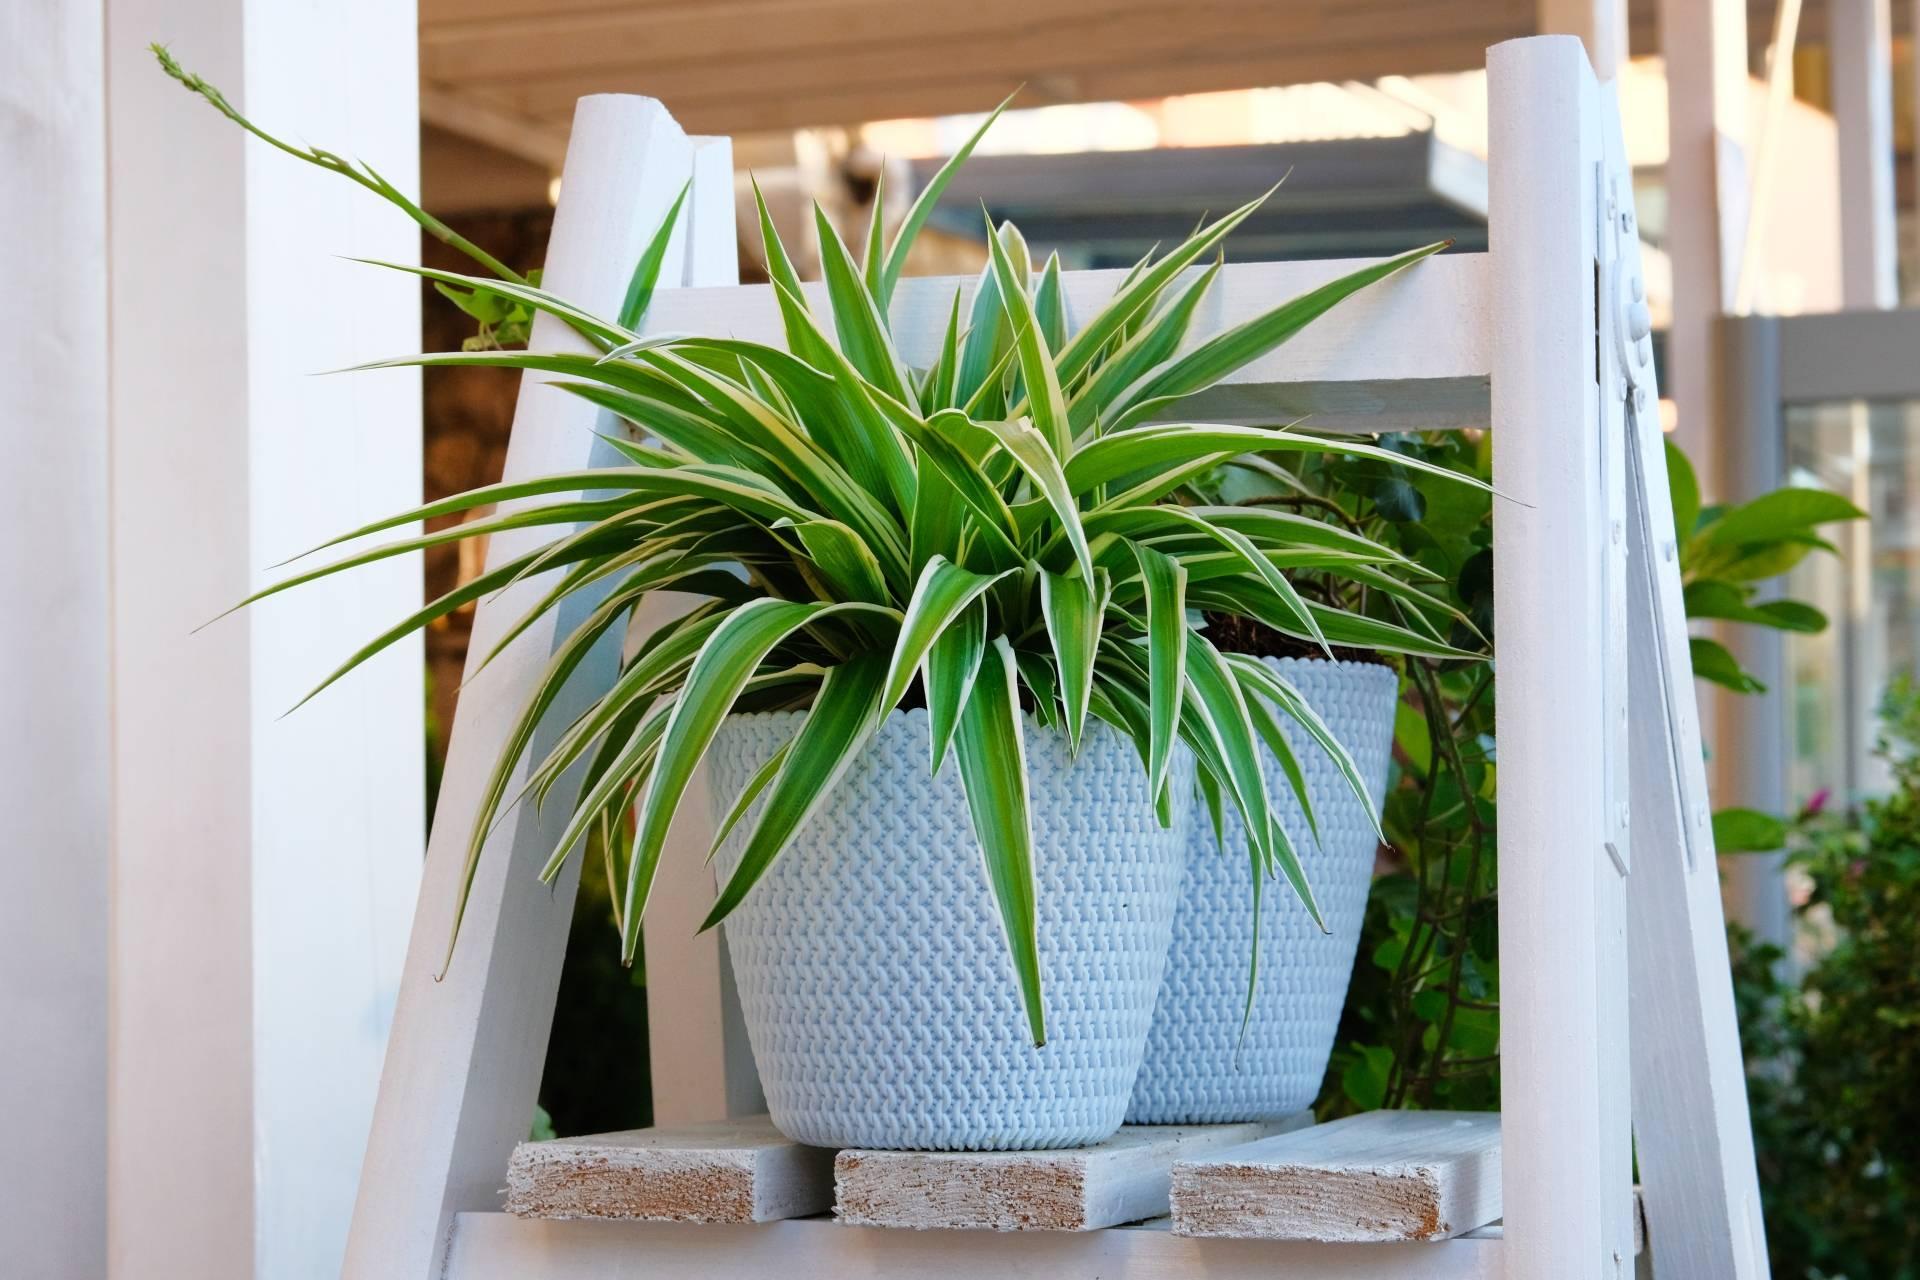 Zielistka Stenberga (Chlorophytum) w białej doniczce - jakie rośliny do łazienki warto wybrać?